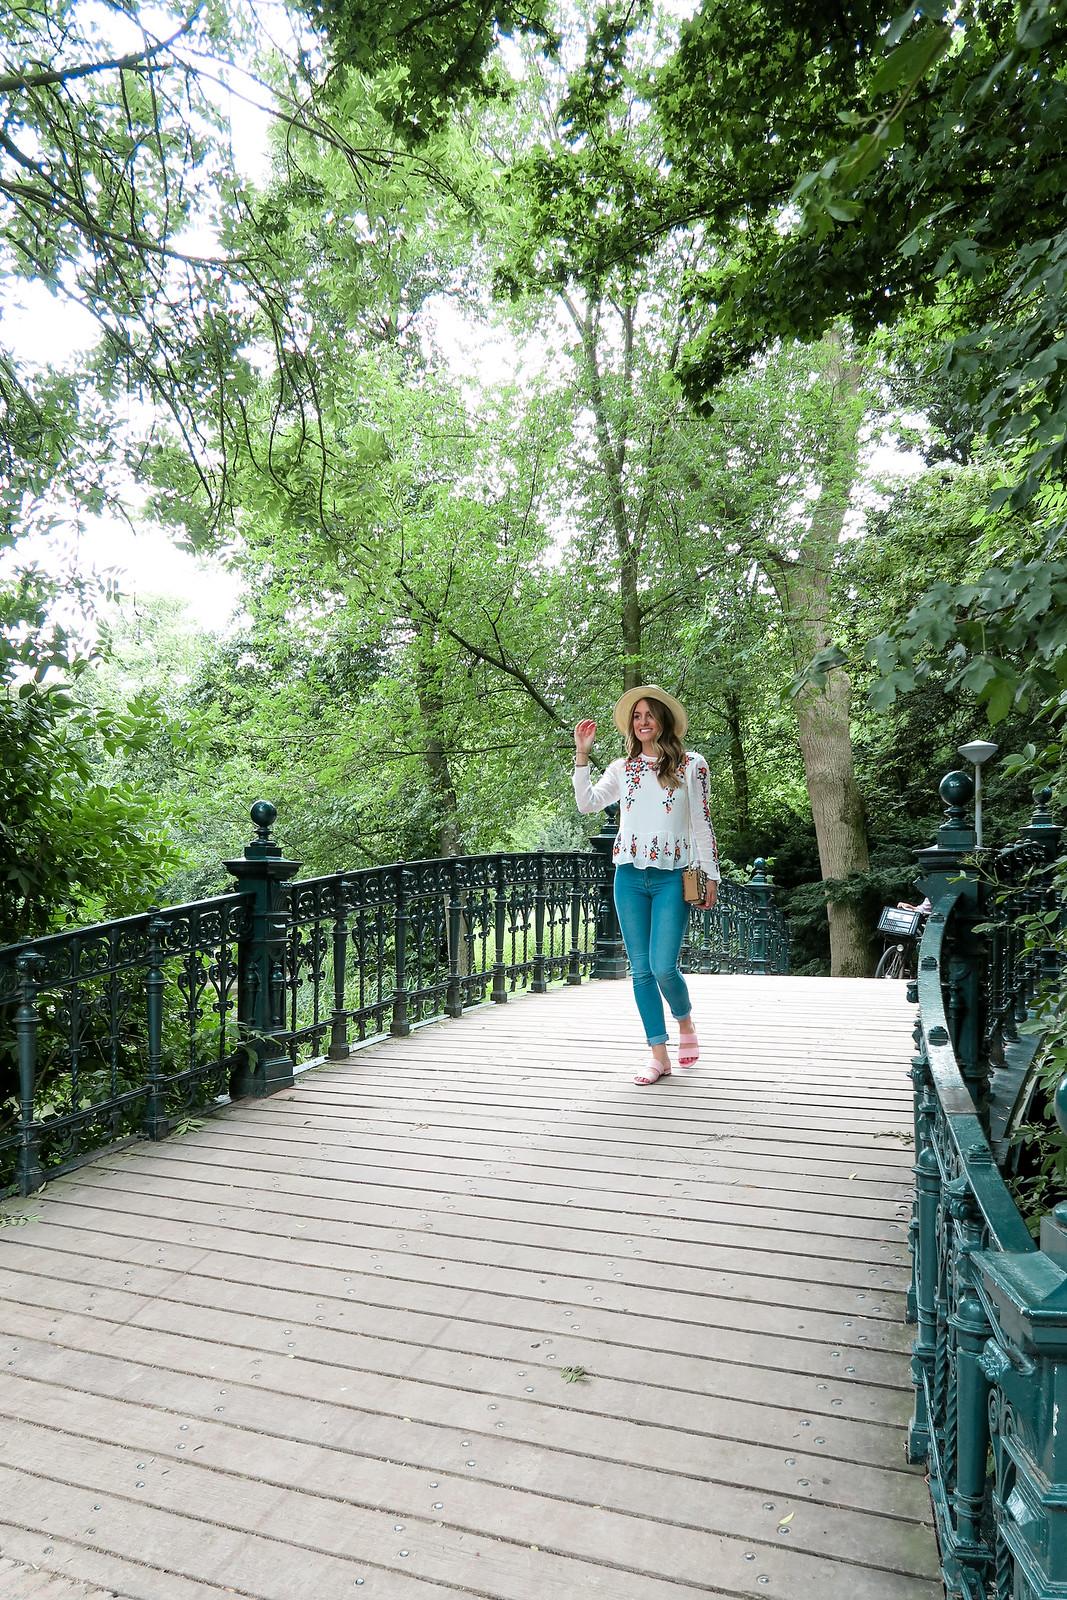 Wanderlust Us Travel Blog - Weekend in Amsterdam